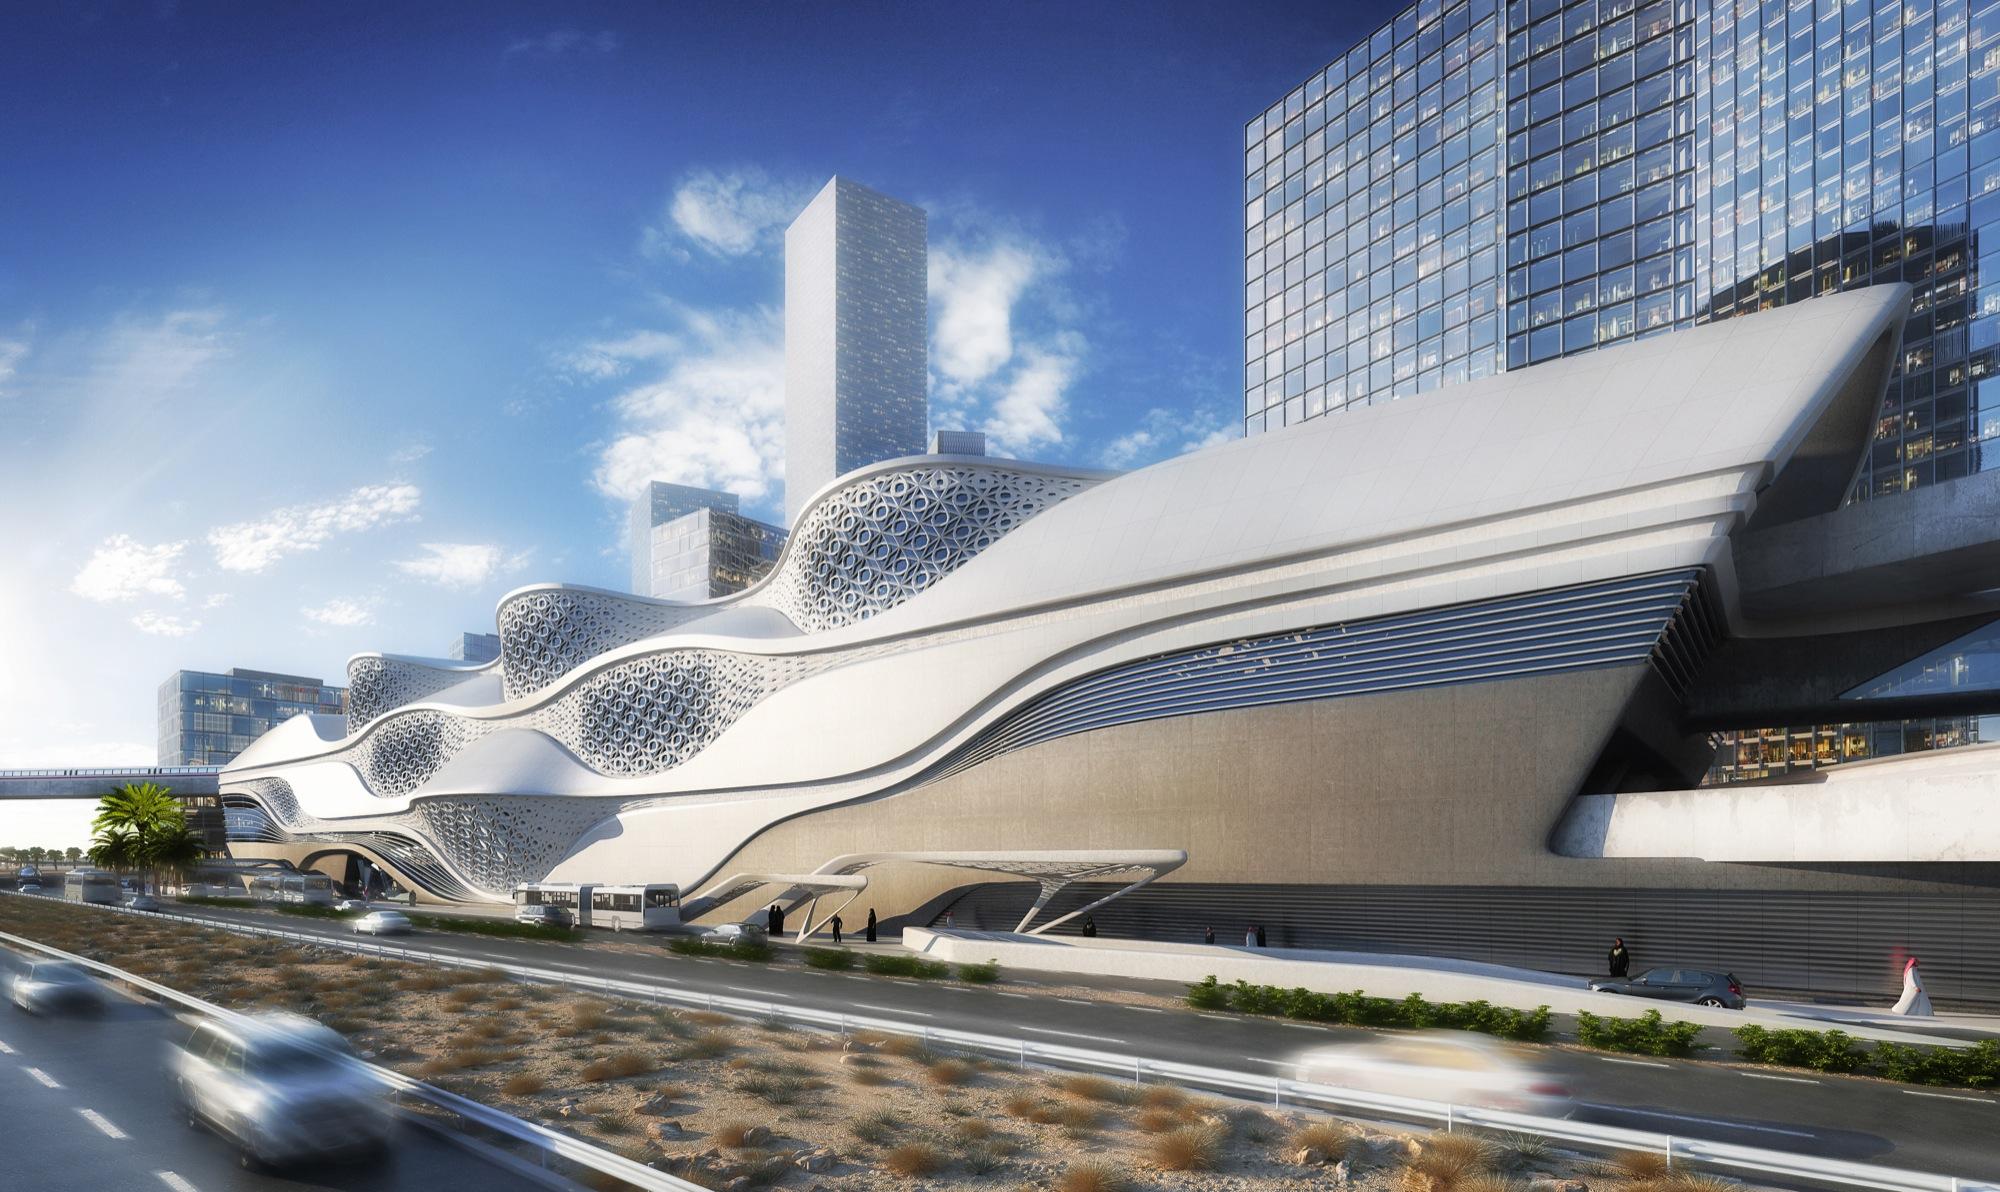 رساله معماری ایستگاه راه آهن